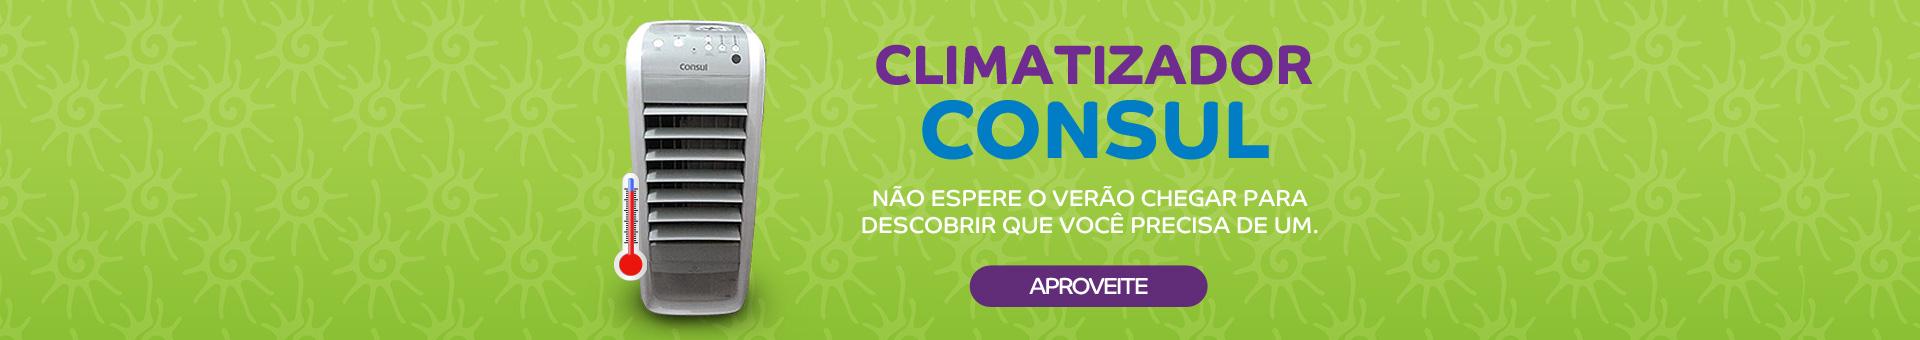 Banner Climatizador